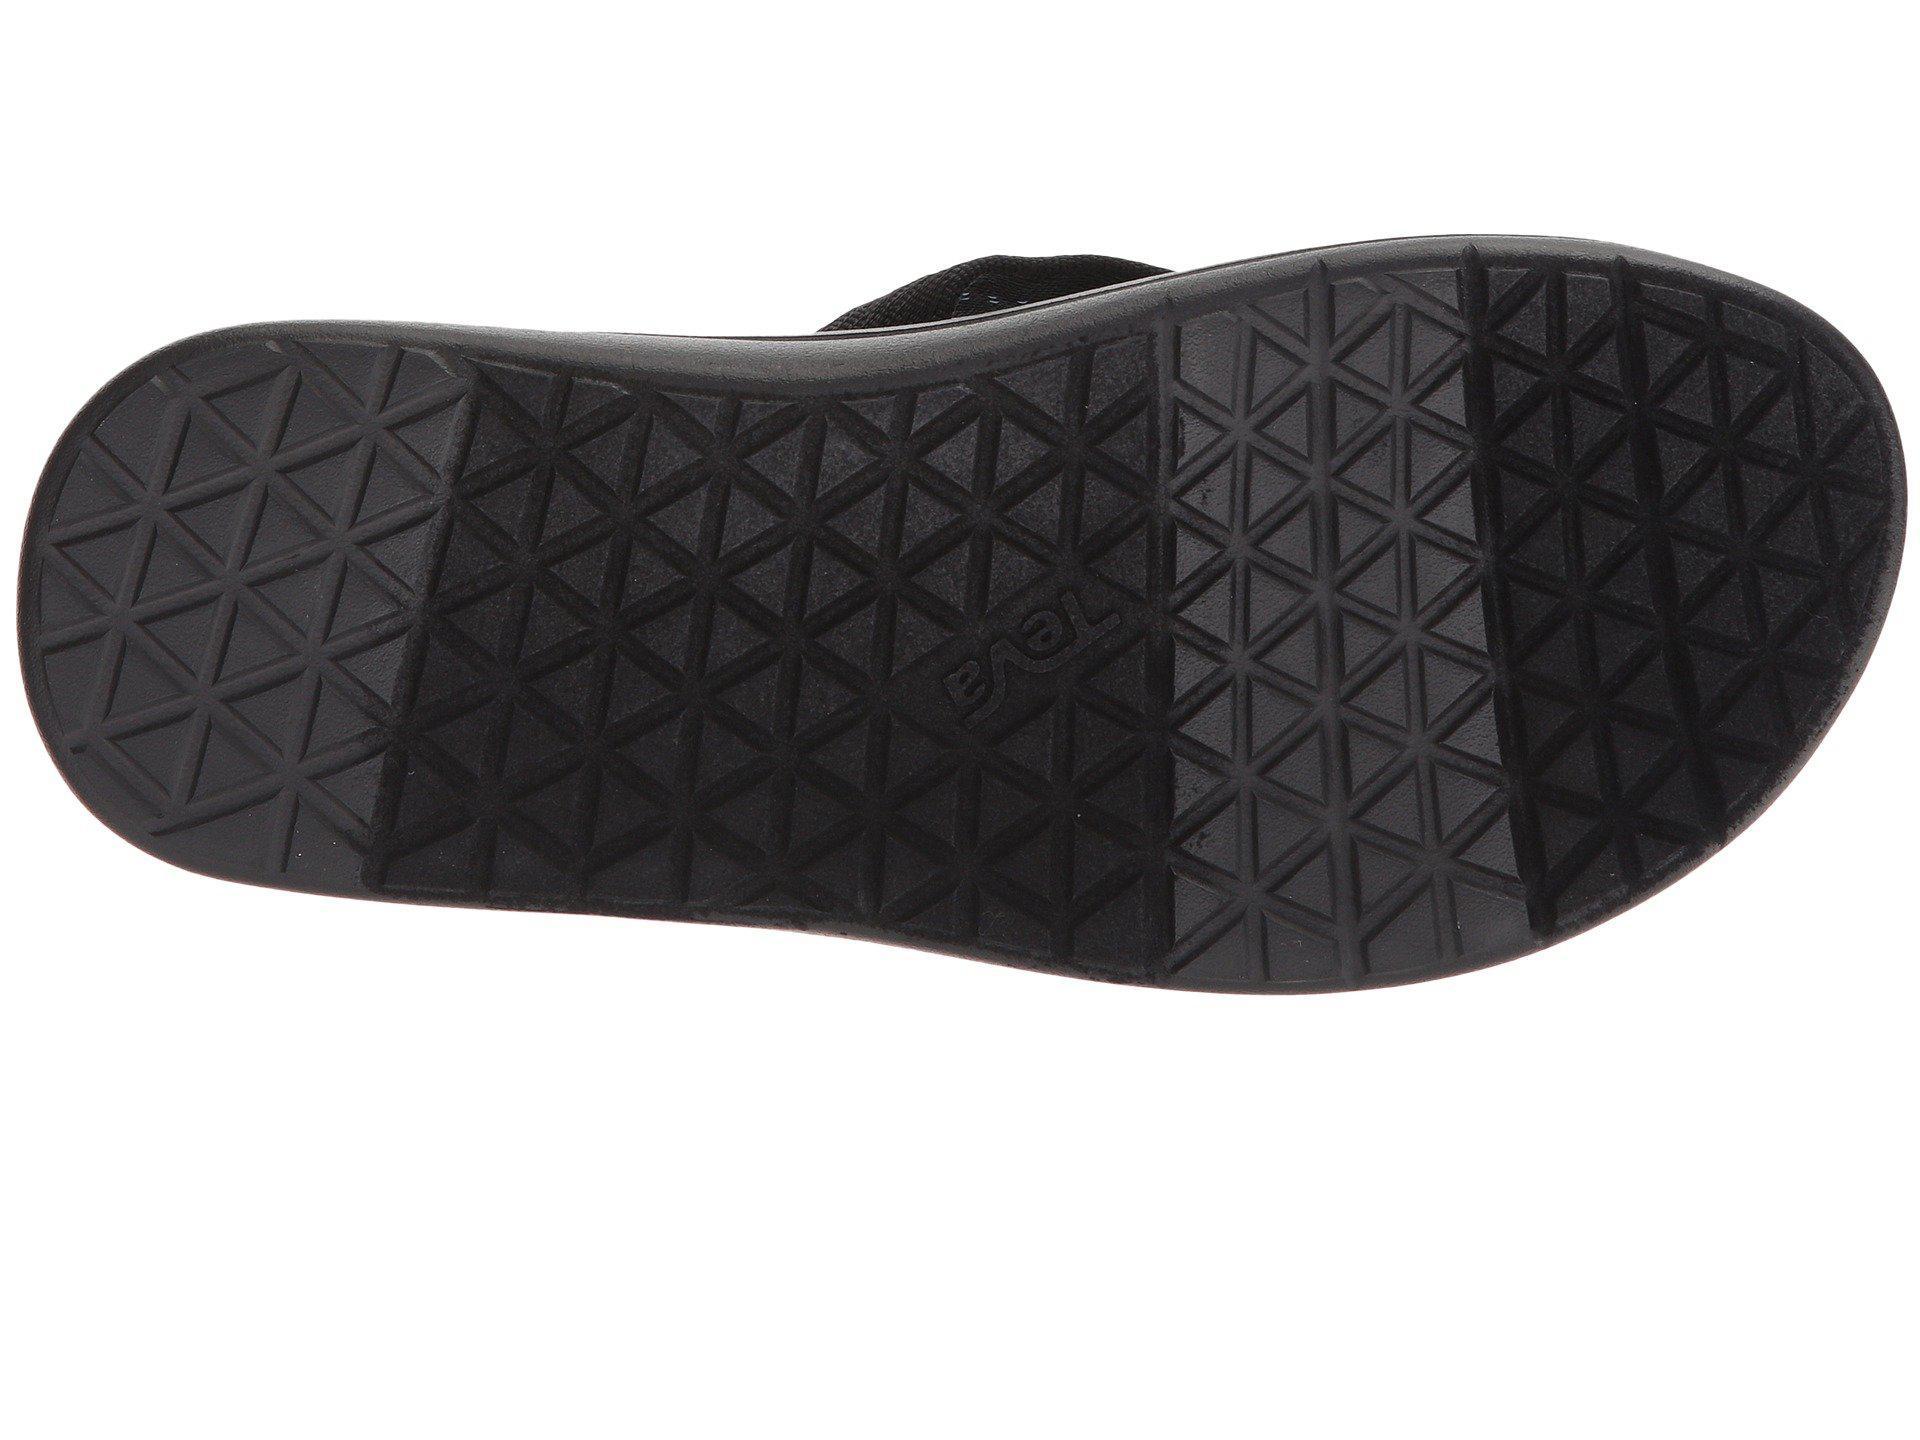 c07d63e82664 Teva - Voya Flip (zook Black) Men s Sandals for Men - Lyst. View fullscreen